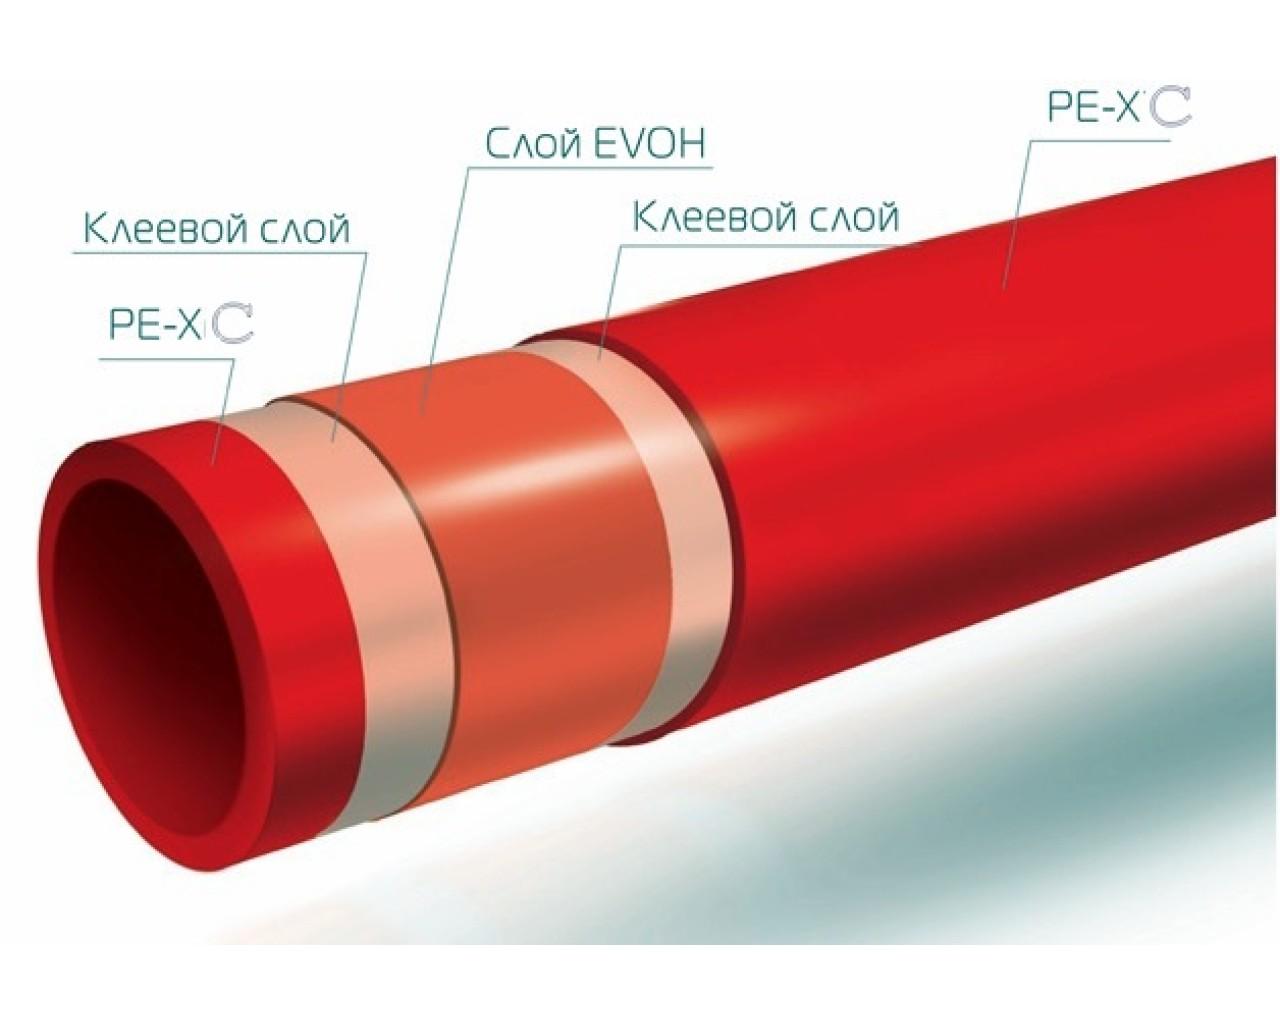 Трубы из сшитого полиэтилена valtec pex-evoh отзывы